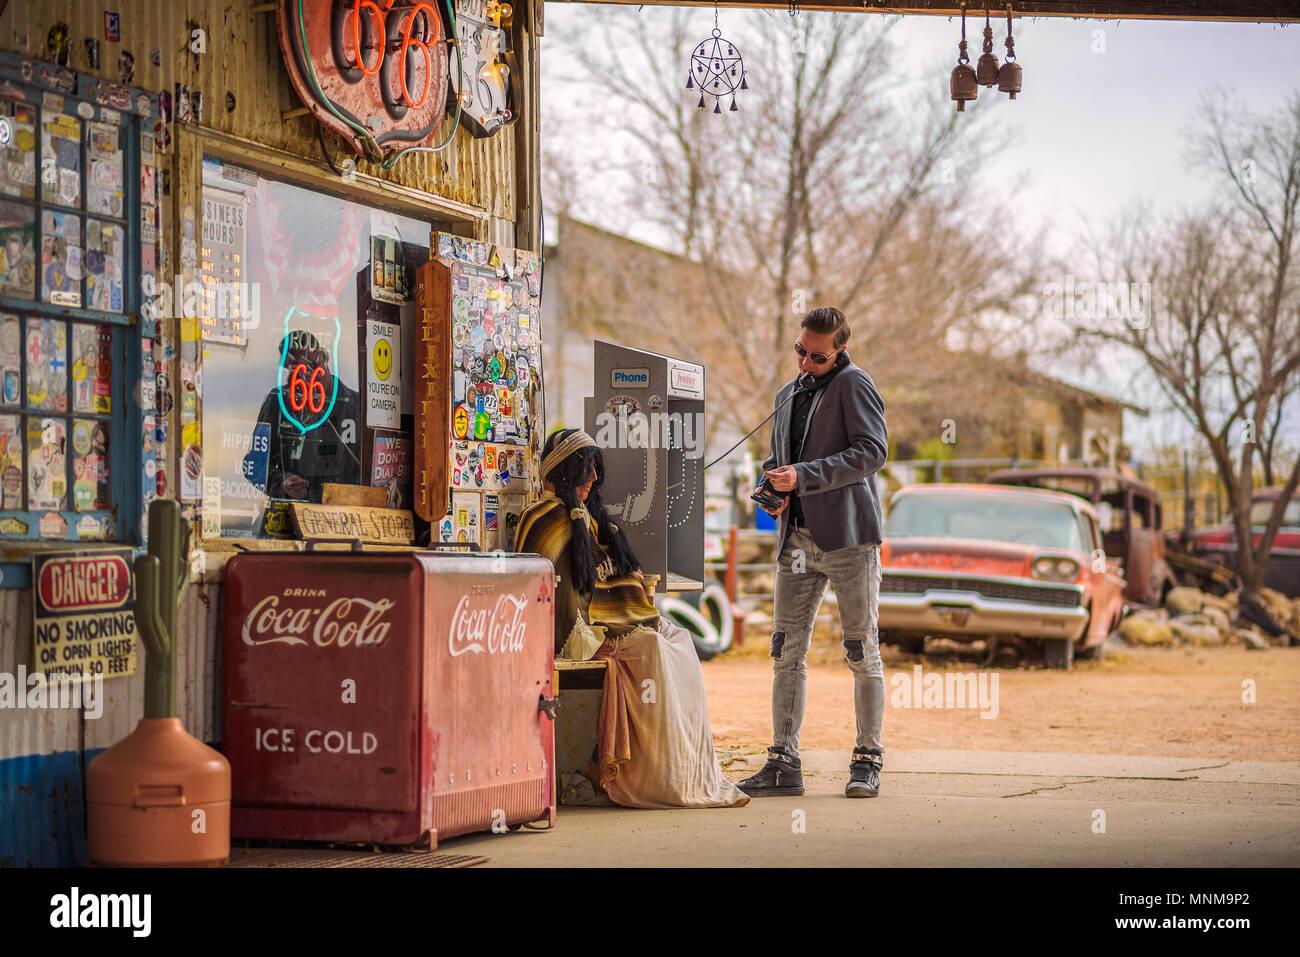 Jeune homme utilise un téléphone vintage rétro à une station de gaz Photo Stock